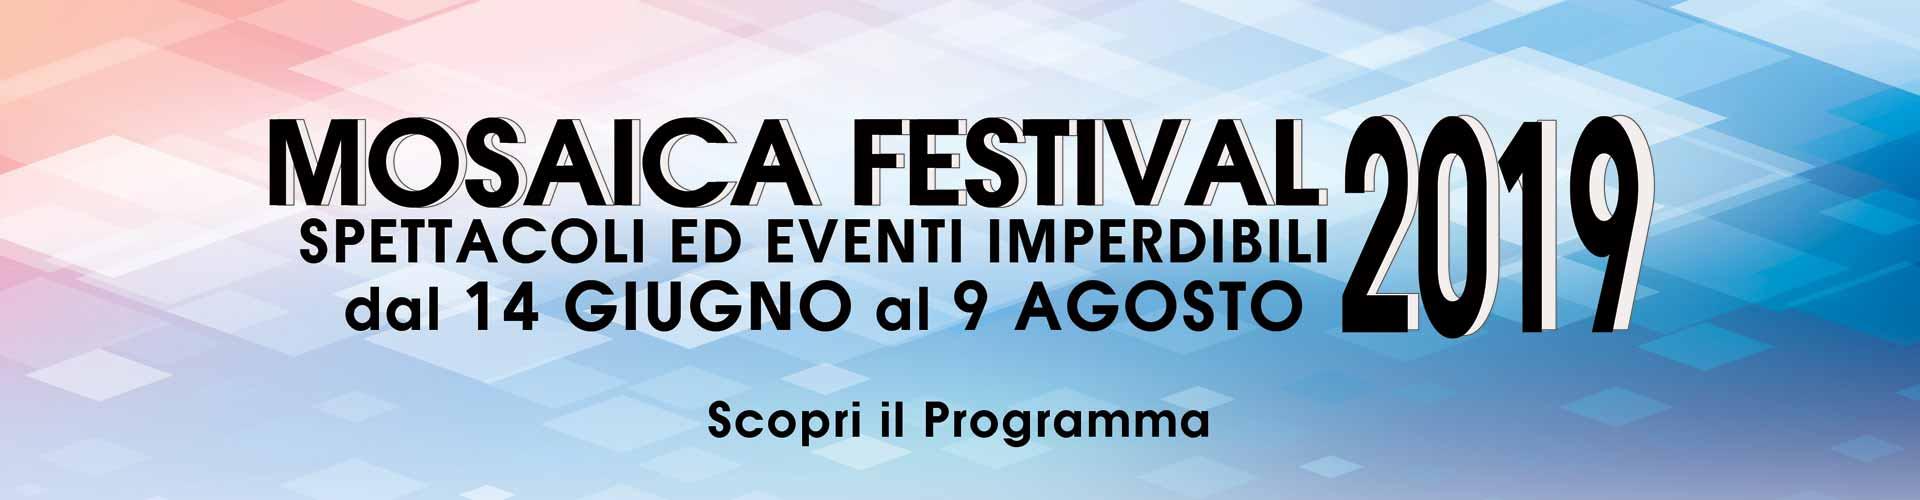 Mosaica Festival 2019